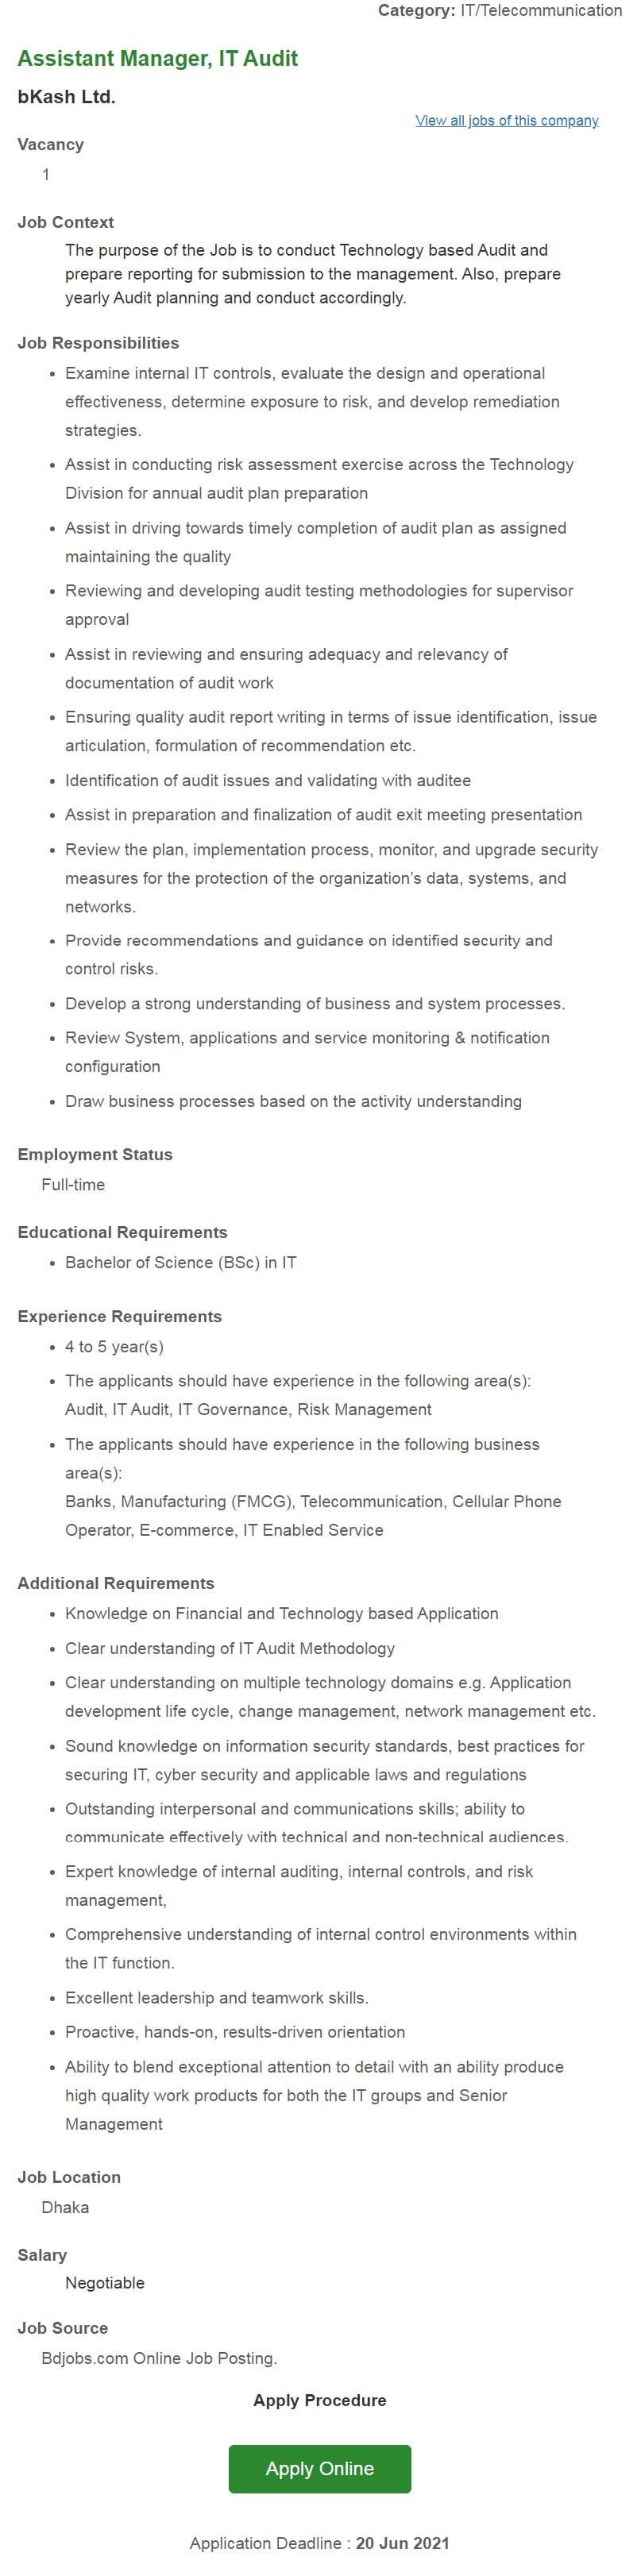 Bkash Ltd Job Circular 2021